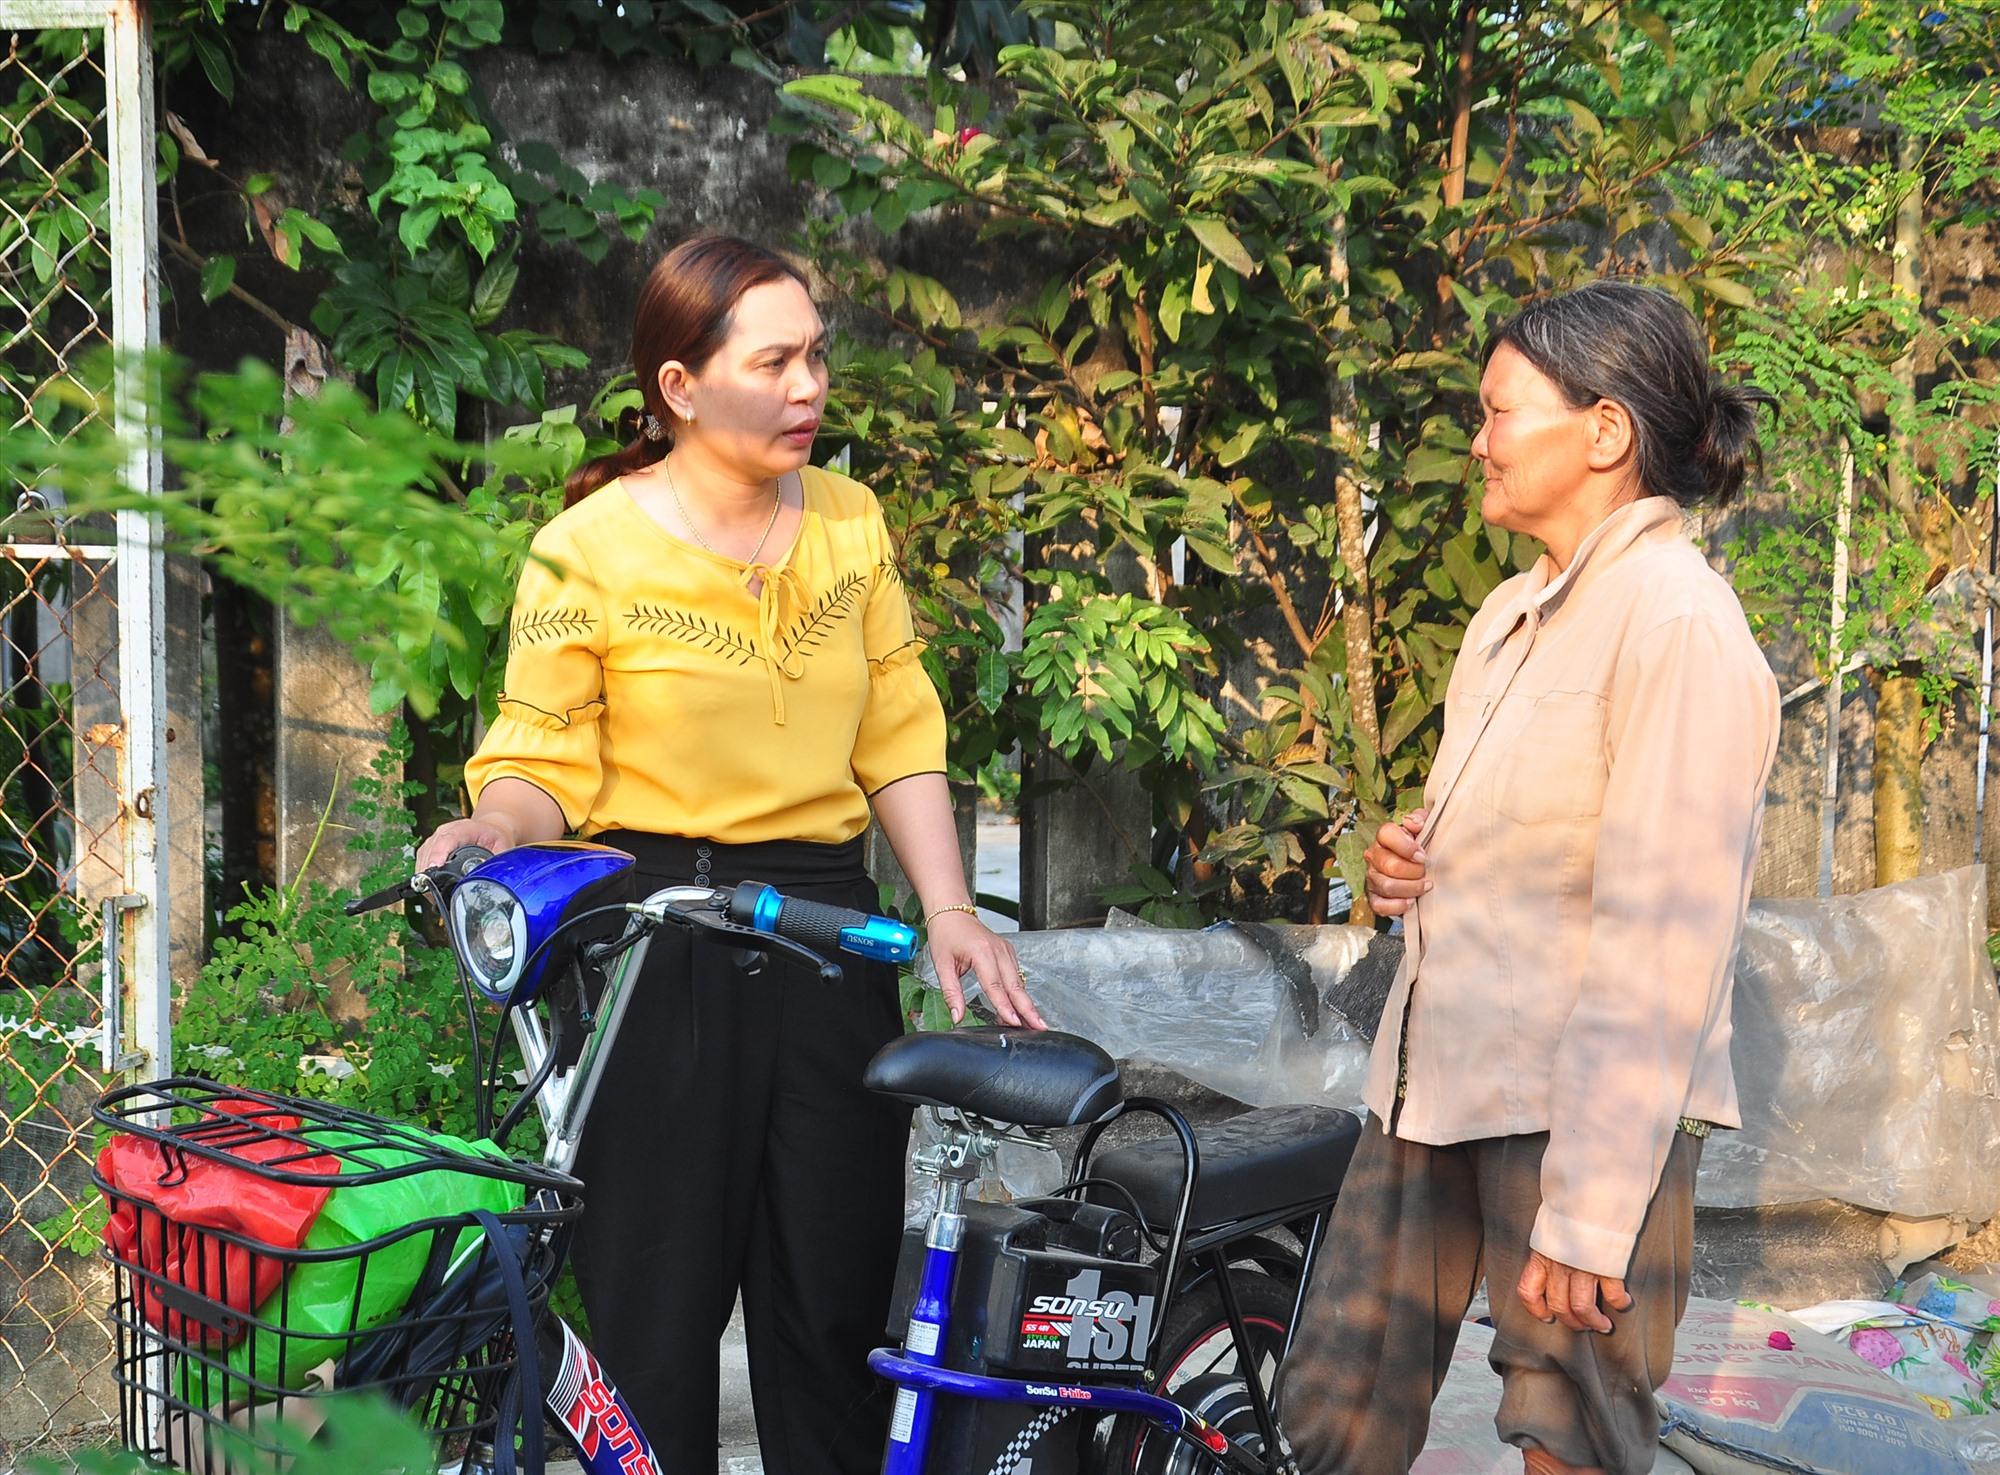 Được Hội LHPN xã phối hợp với Mặt trận mua tặng chiếc xe đạp điện, bà Trương Thị Vân (bên phải) bớt vất vả hơn với nghề bán vé số. Ảnh: VINH ANH